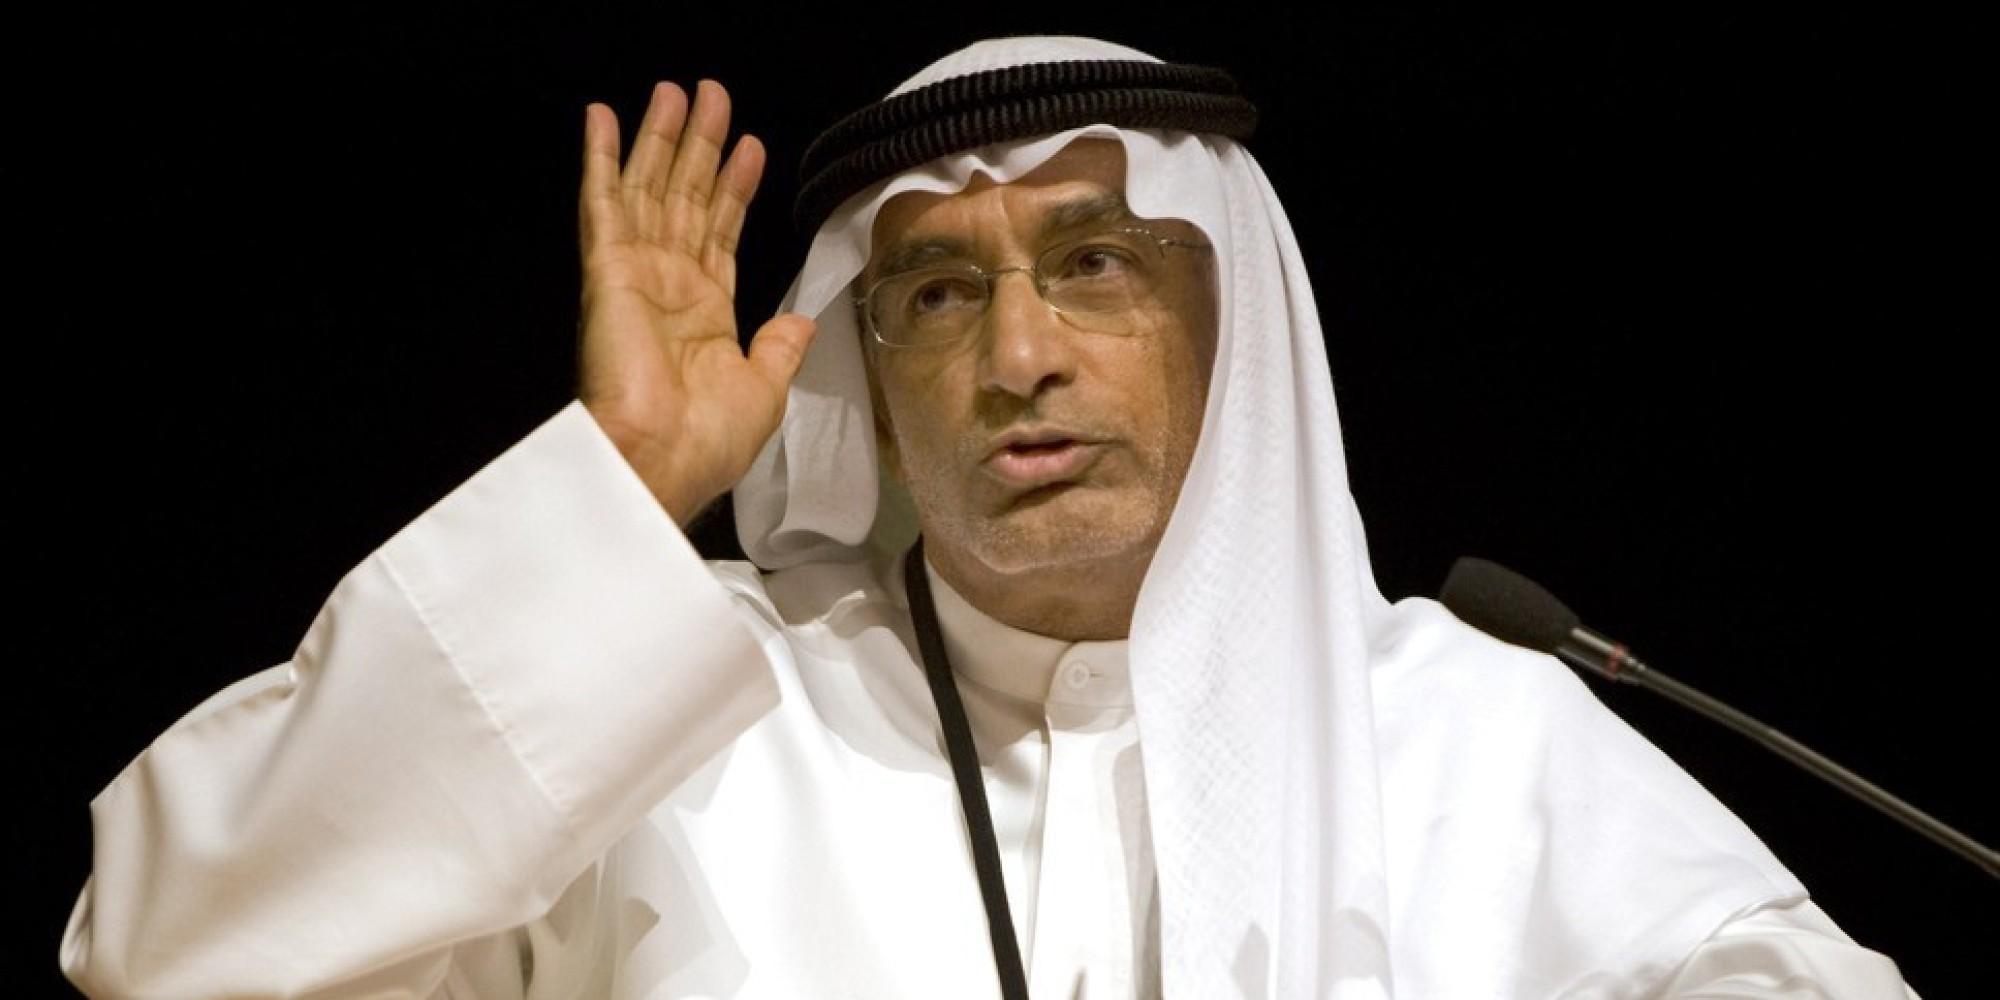 عبدالخالق عبدالله : اختراق مقاتلة إماراتية المجال الجوي لقطر أمر اعتيادي!